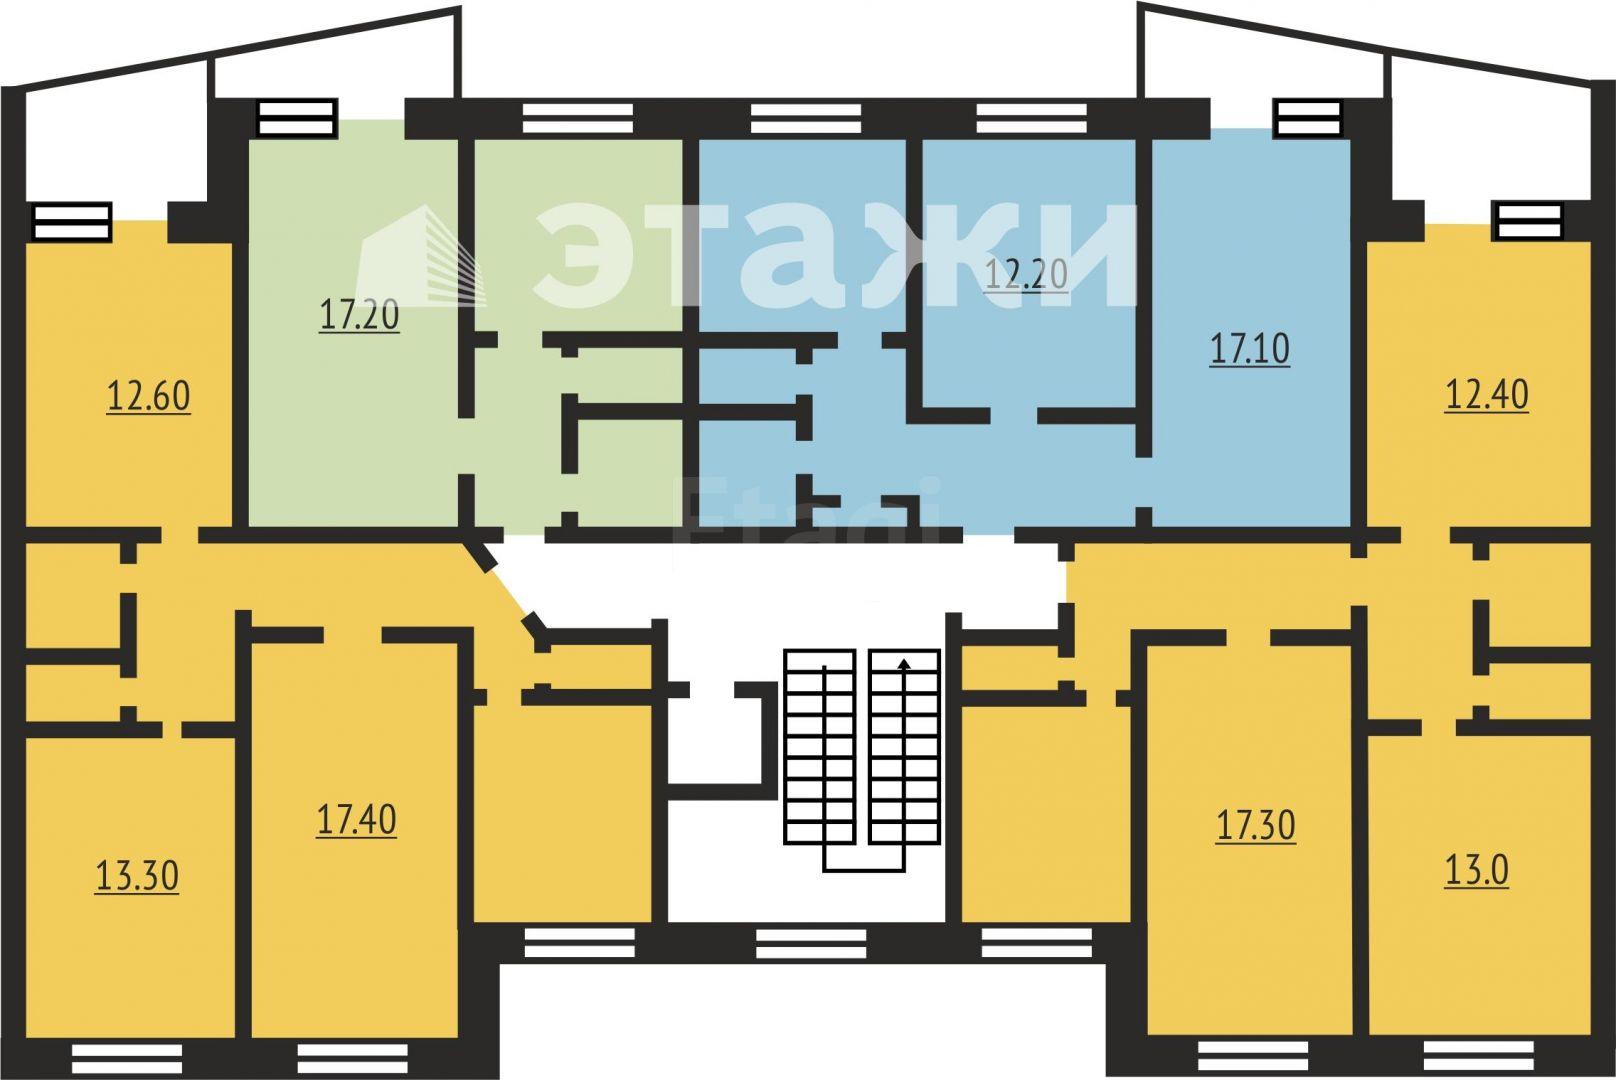 Квартира 65,50 м2 по улице домостроителей 12а в тюмени - про.